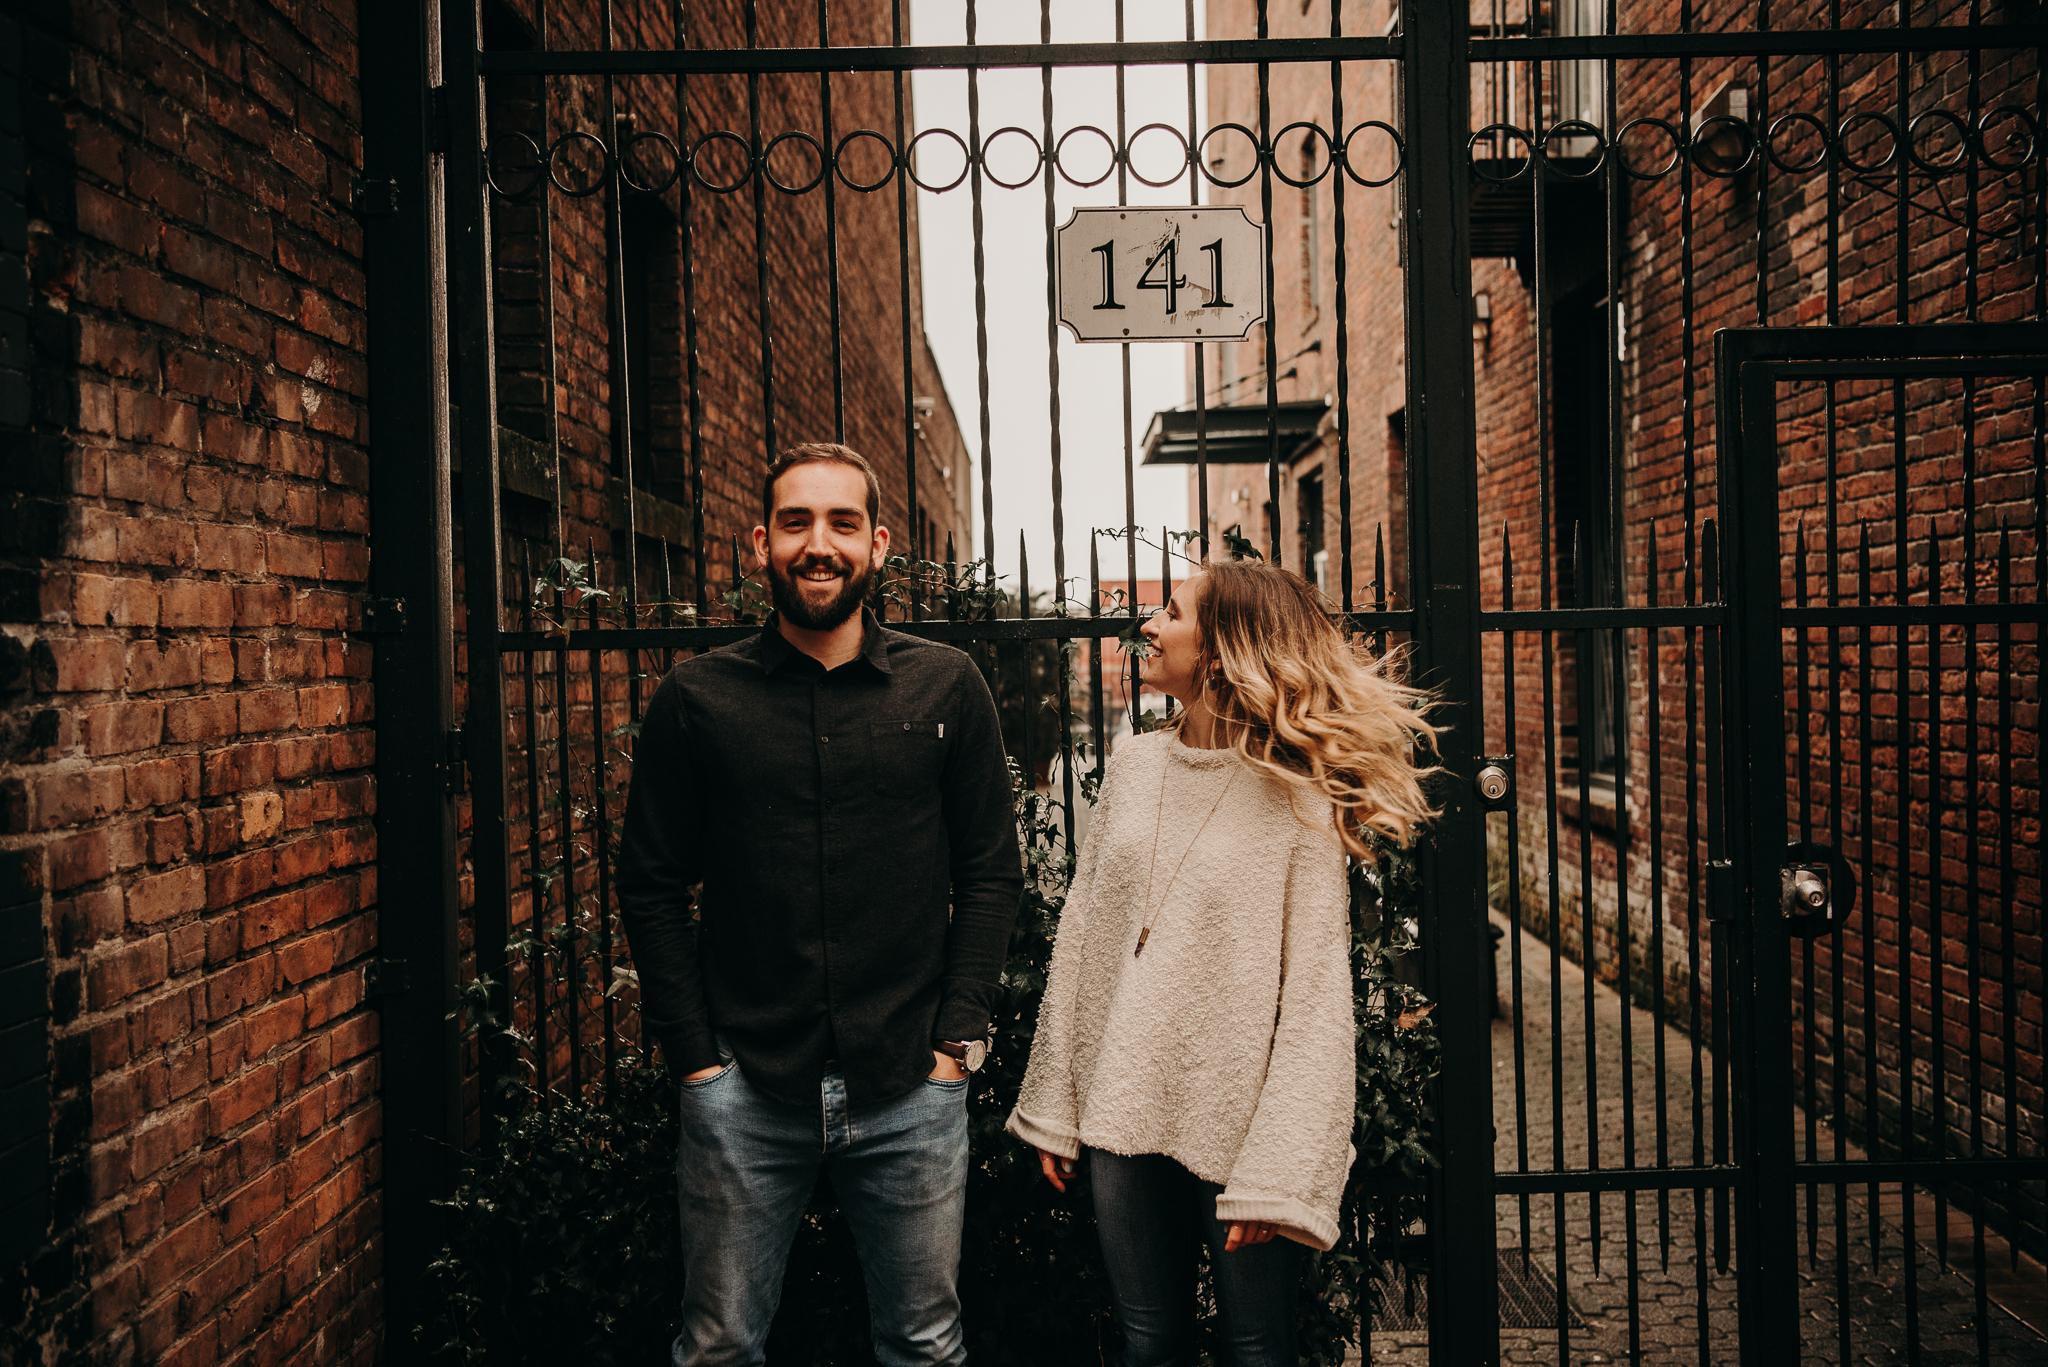 Amanda & Eric Gastown Vancouver Engagement Session - Laura Olson Photography - Sunshine Coast BC Photographer - Vancouver Photographer-2338.jpg